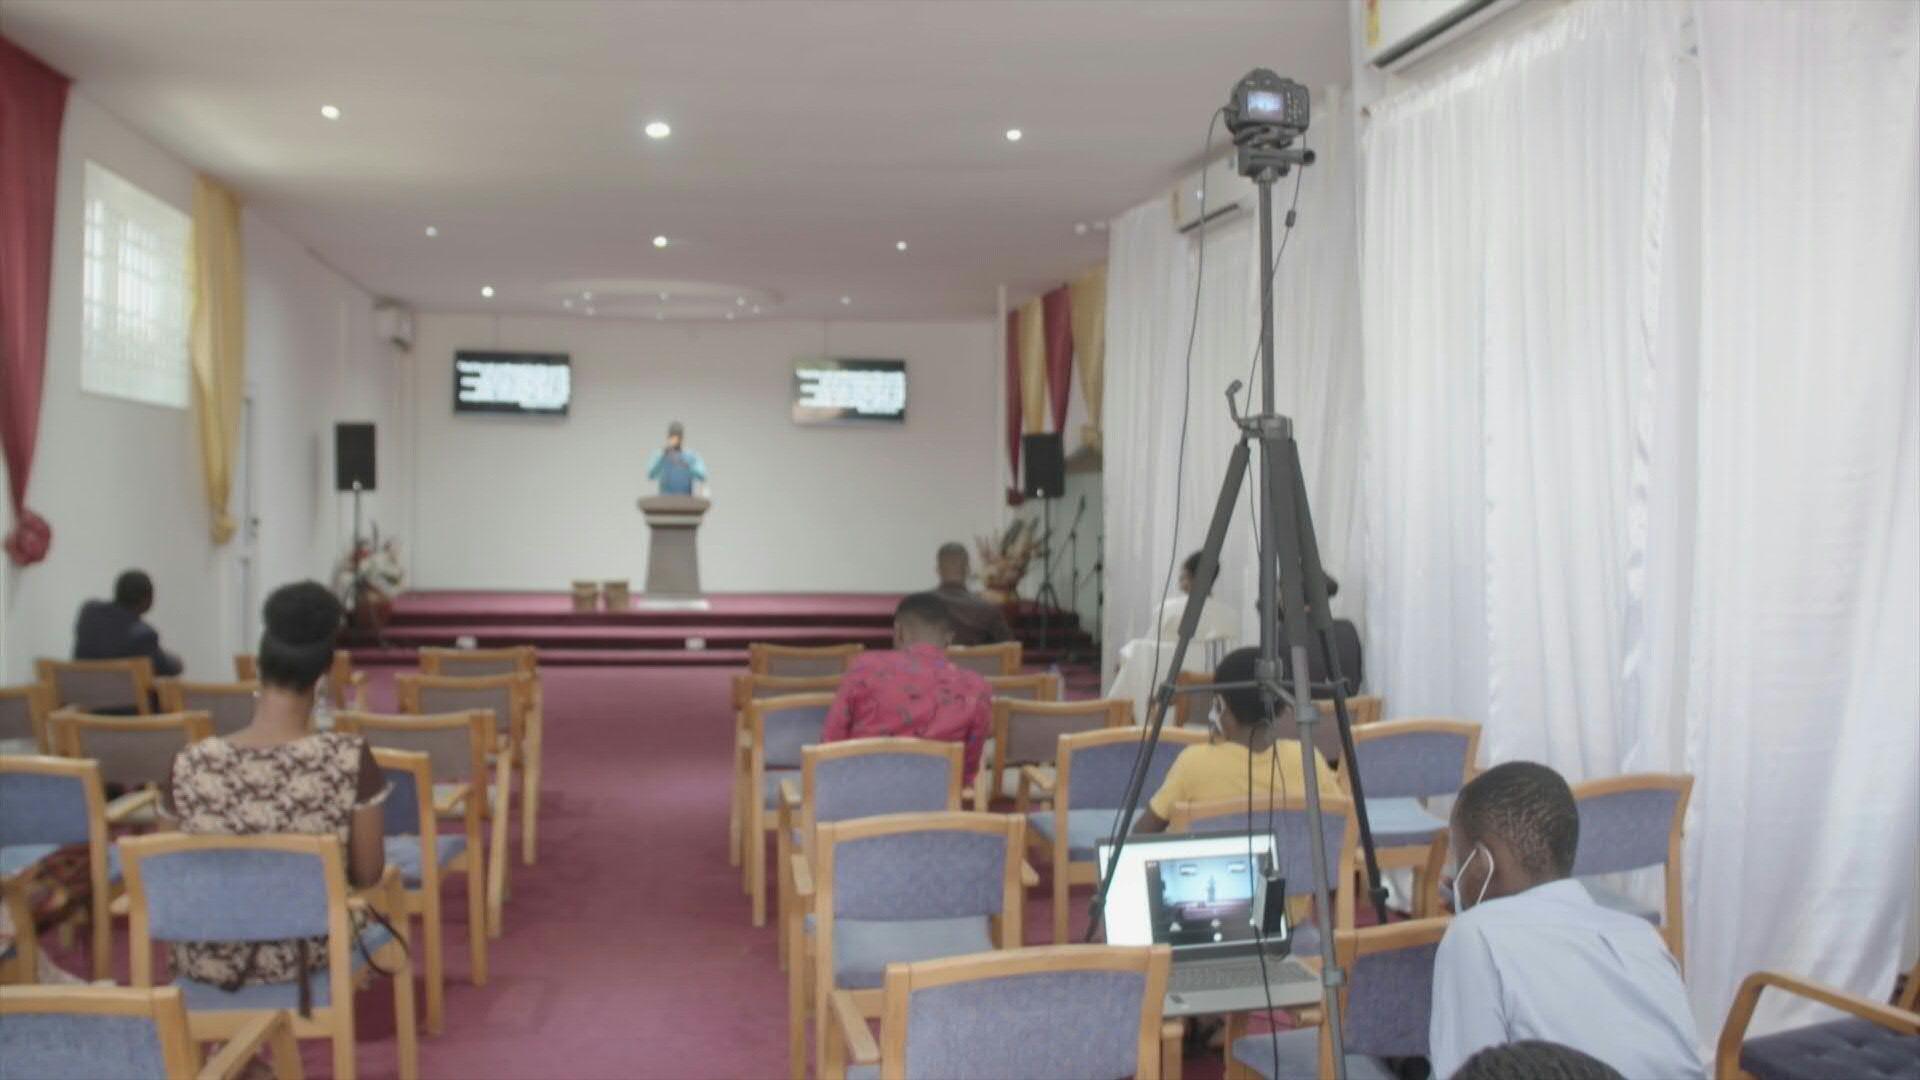 Ghana - Eglise - Coronavirus - Streaming - Messe en ligne